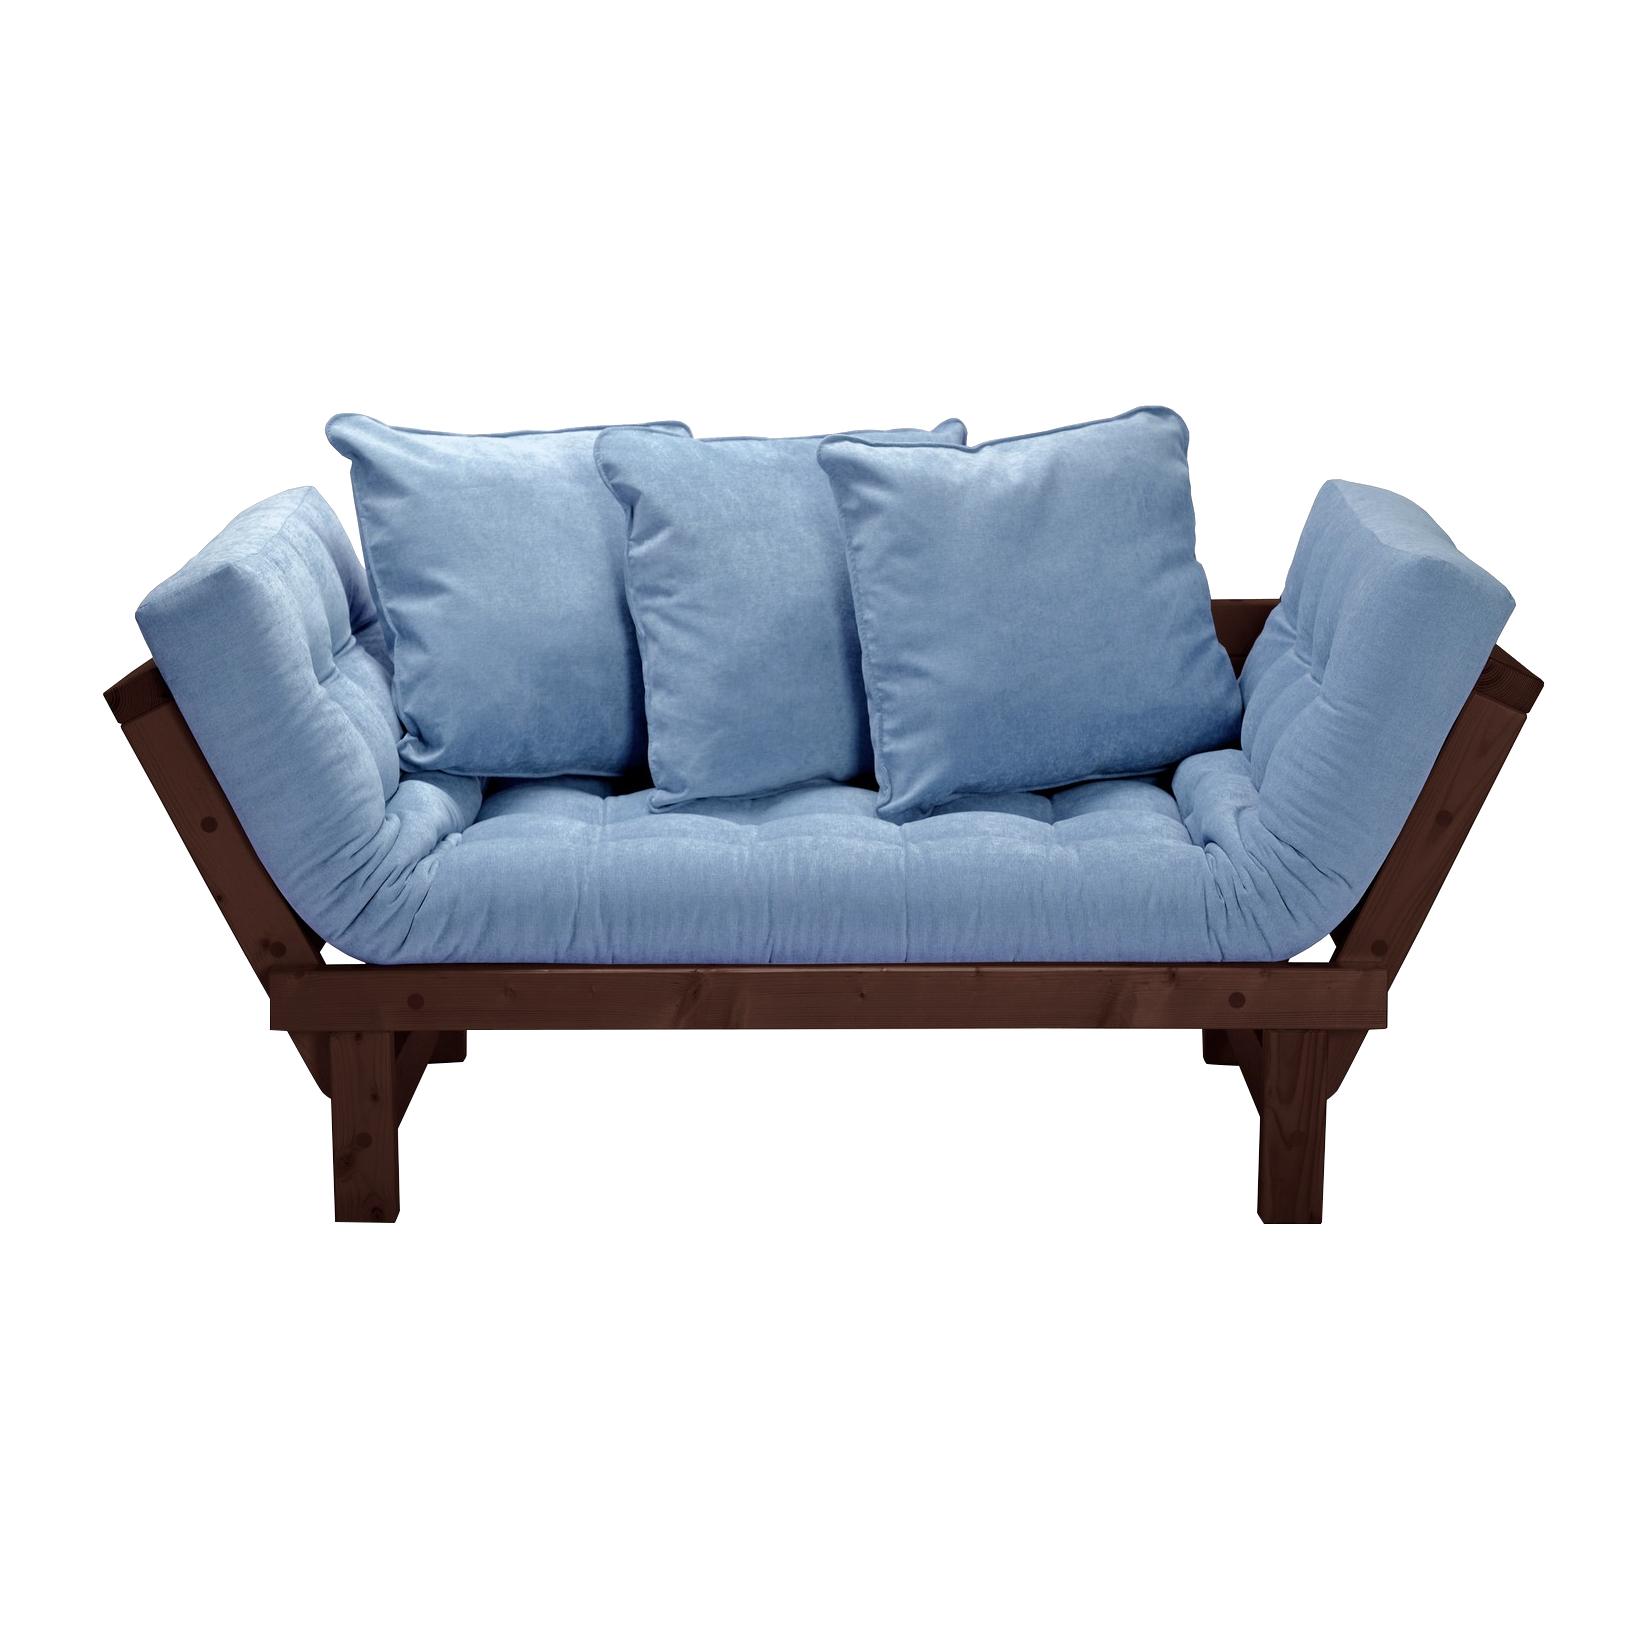 Кушетка AS Санди 158x77x61 венге/голубой фото